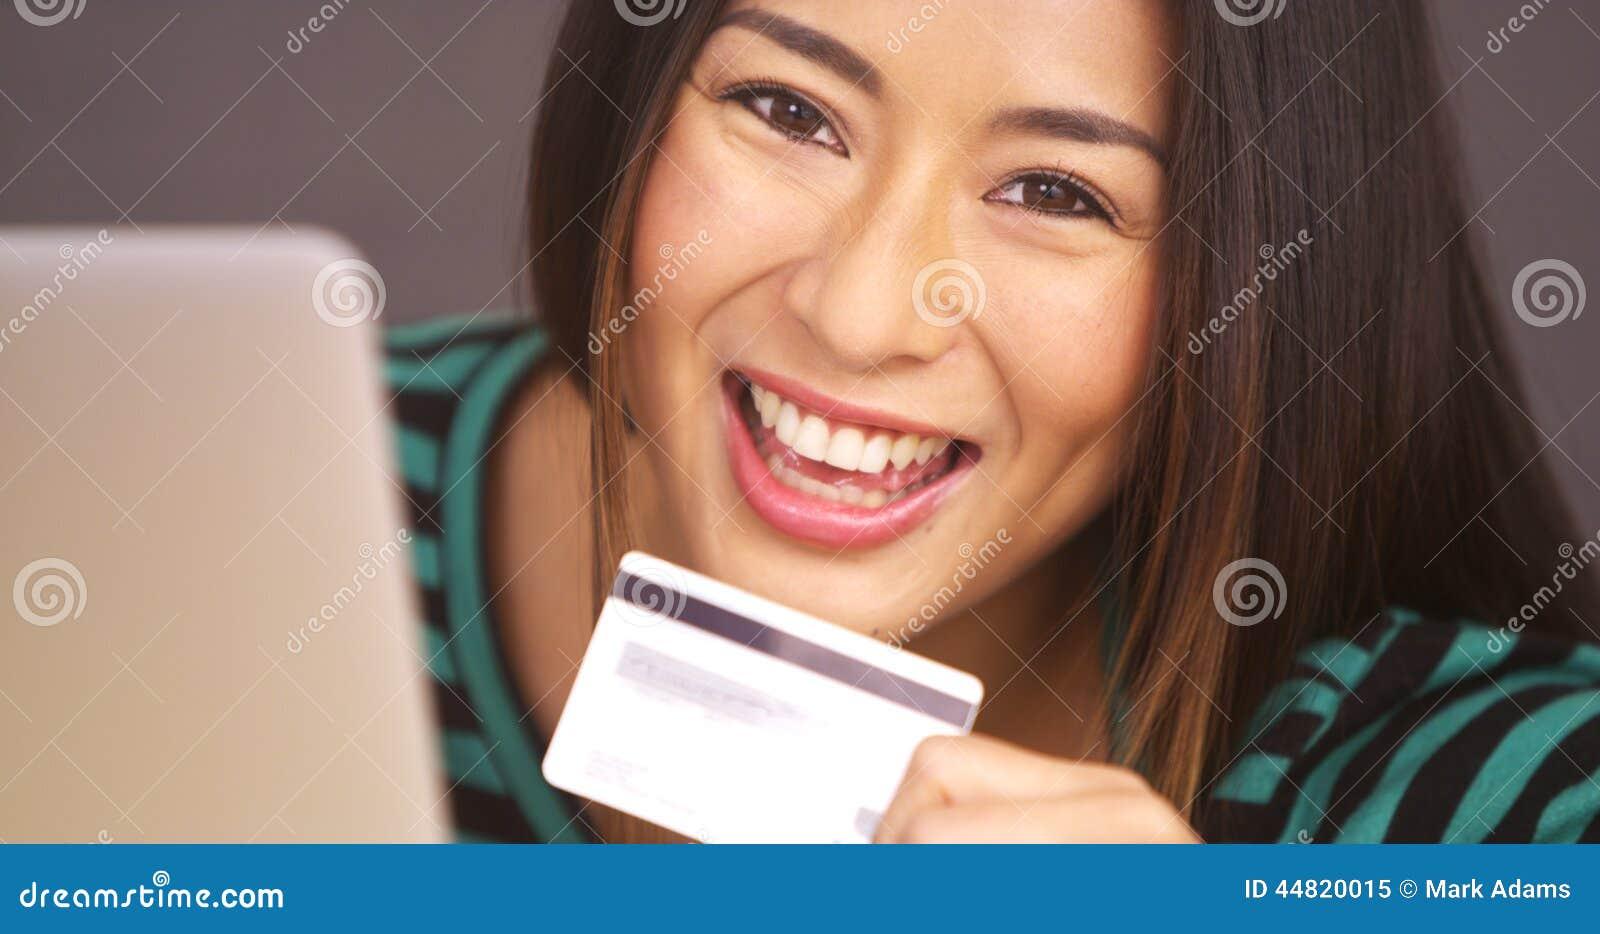 Ευτυχής γυναίκα που χαμογελά με την κάρτα διαθέσιμη